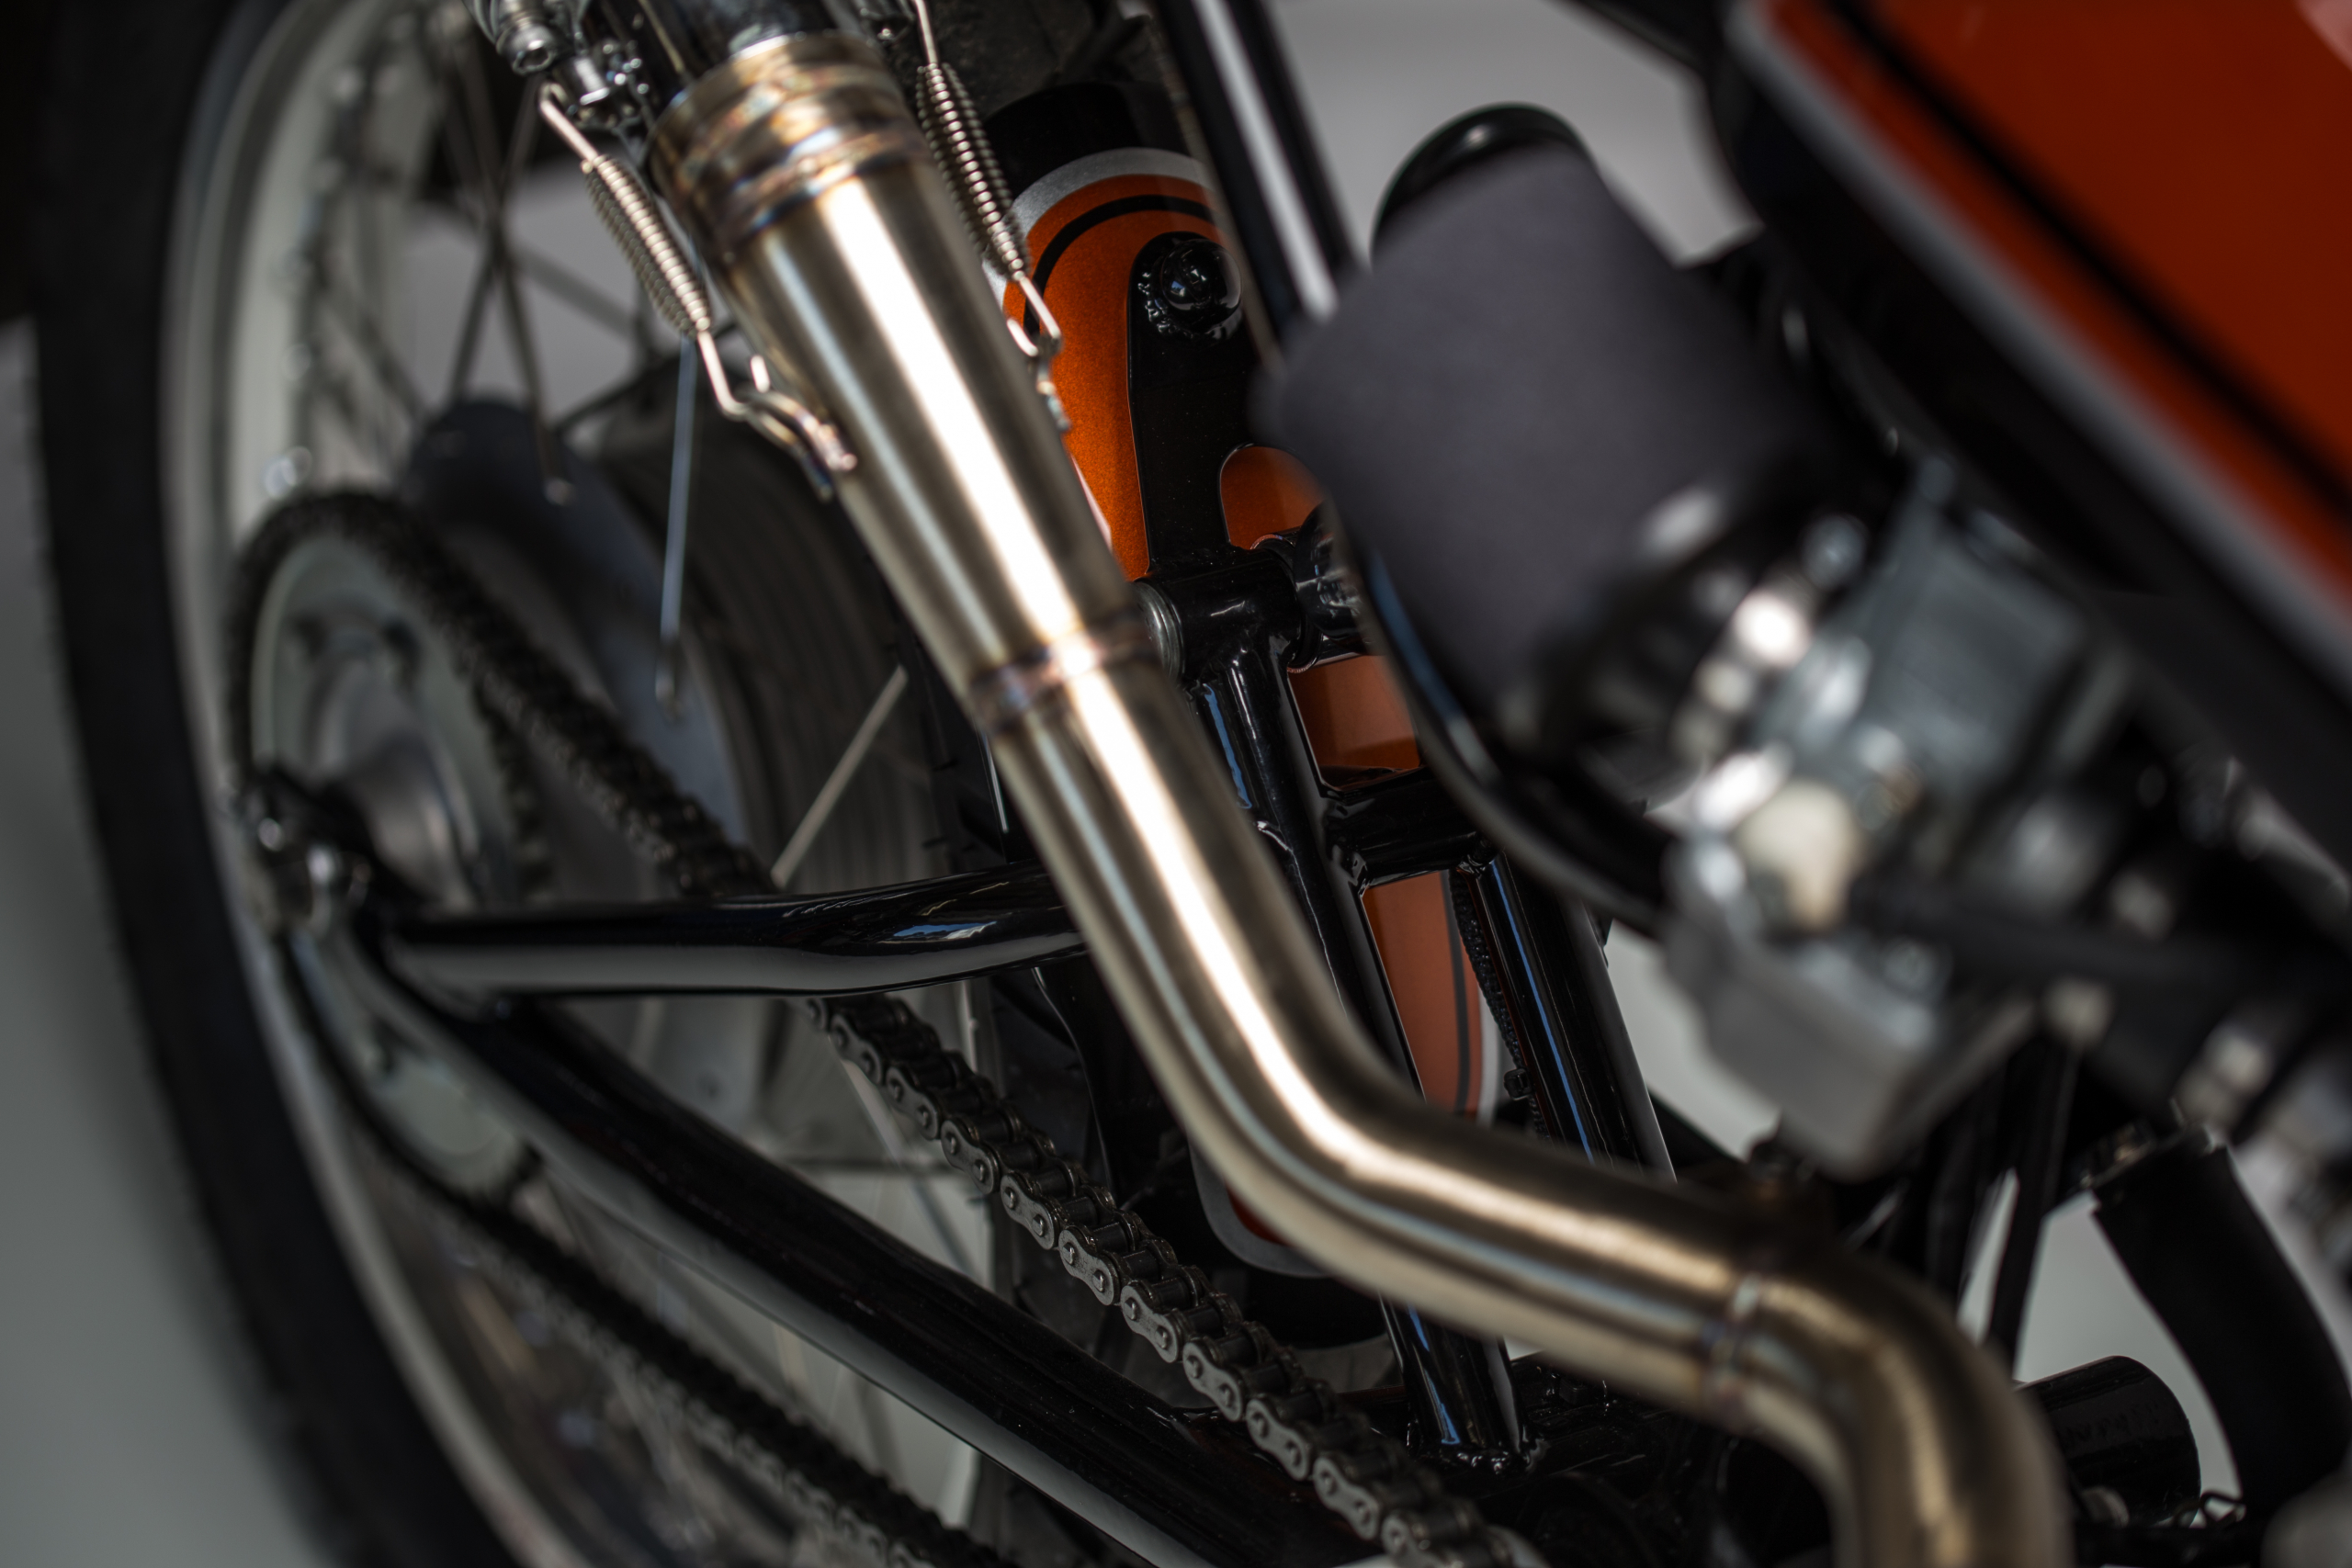 MotoRelic Dastardly Ducati